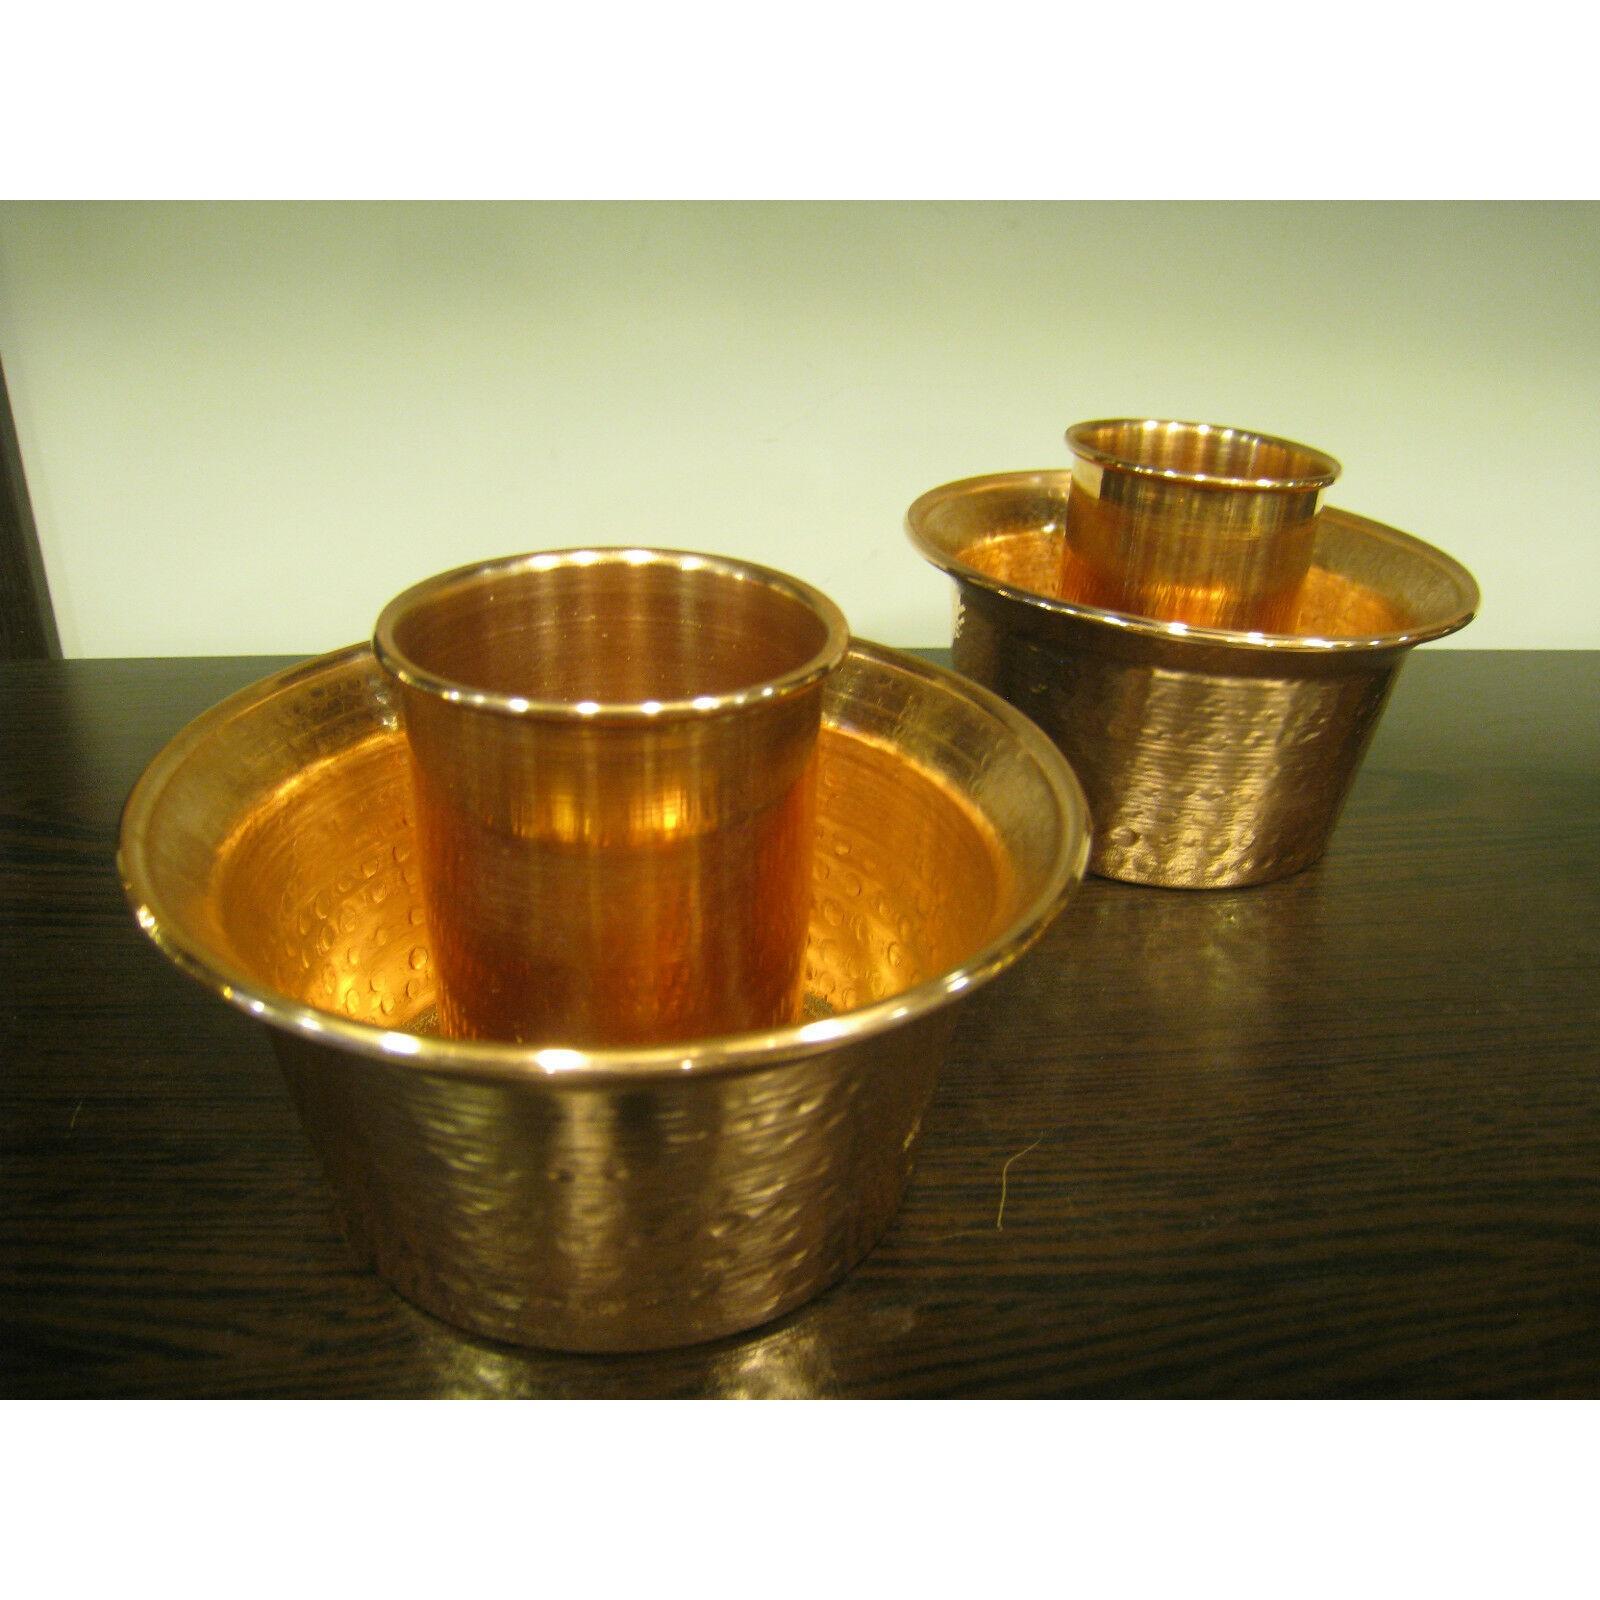 Totalmente hecho a mano cobre martillado turco Raki Ouzo enfriador de vino Ehlikeyf